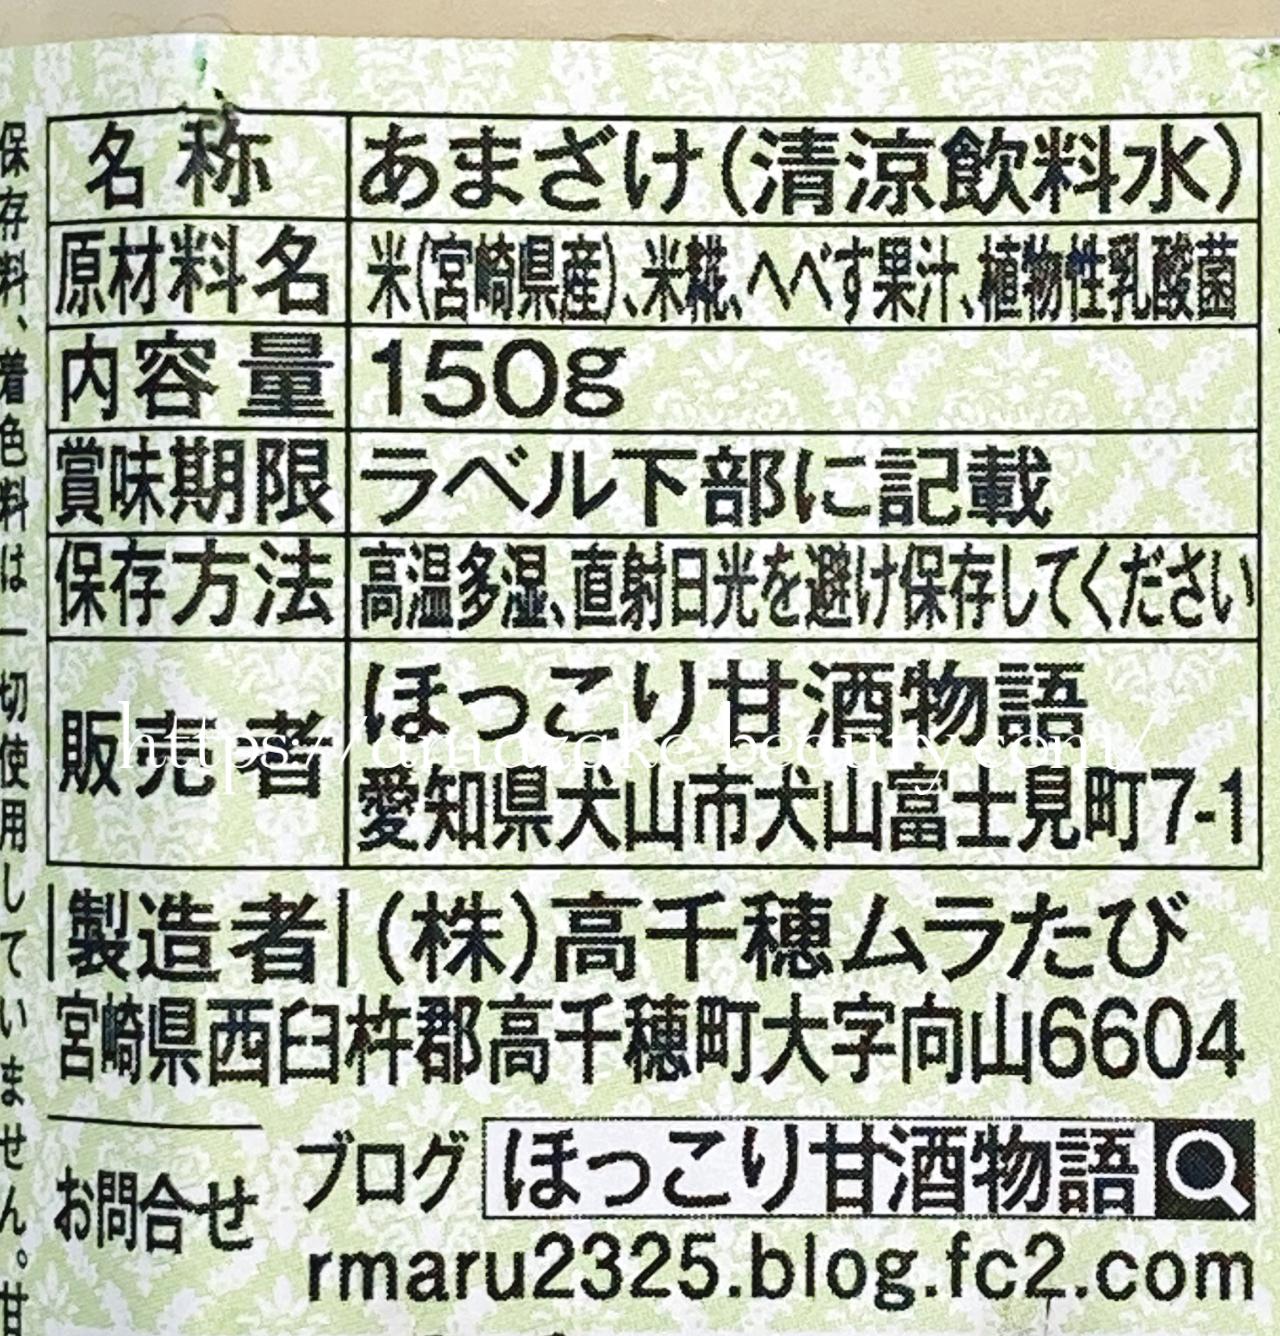 [amazake]maru[hokkori amazake monogatari(hebesu)](product description)